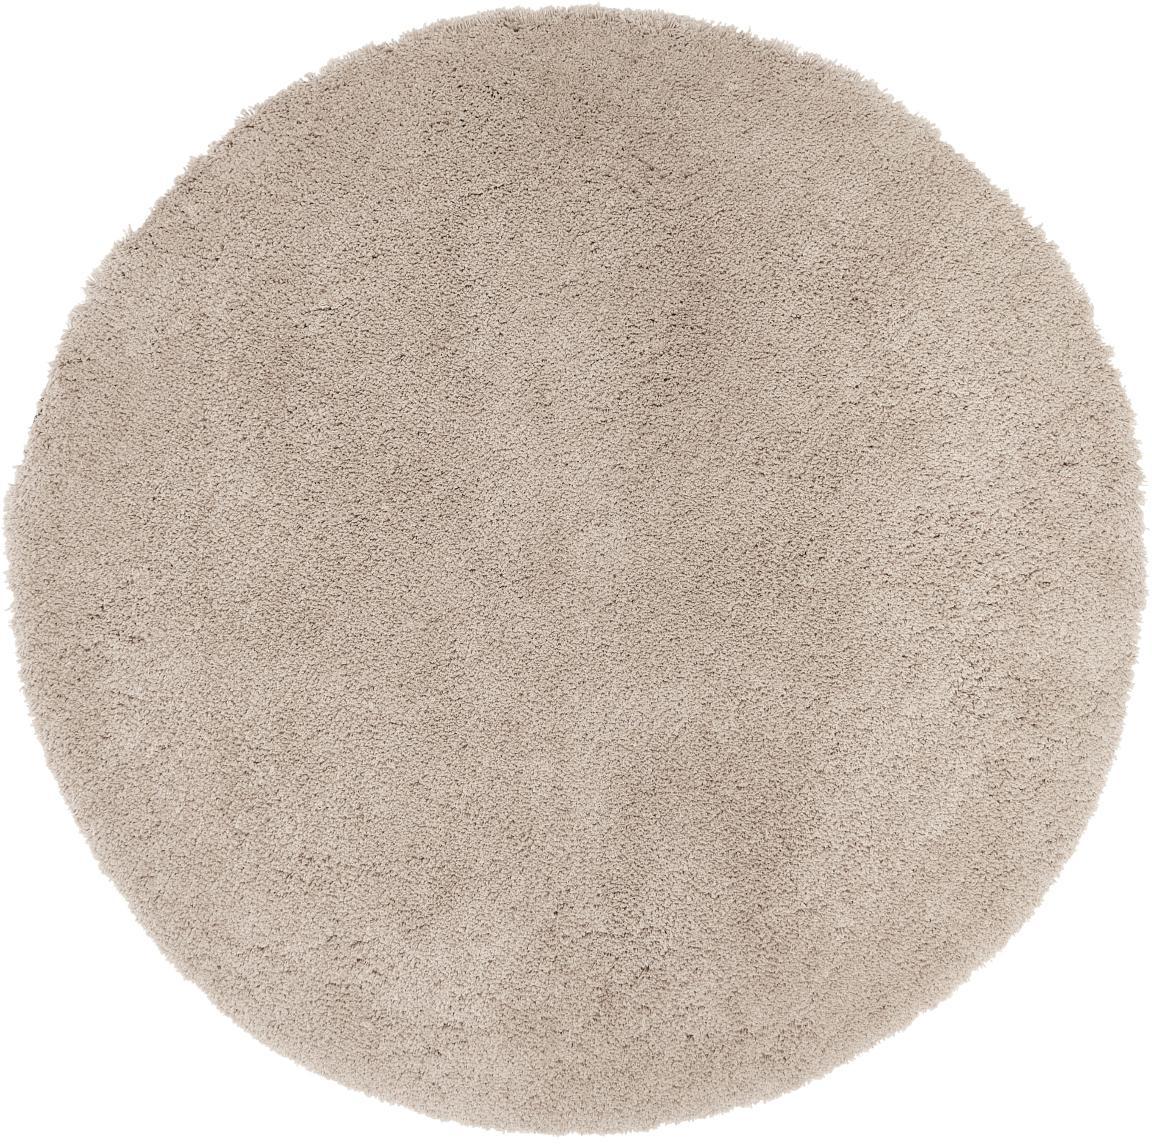 Flauschiger Runder Hochflor-Teppich Leighton in Beige, Flor: 100% Polyester (Mikrofase, Beige-Braun, Ø 120 cm (Grösse S)